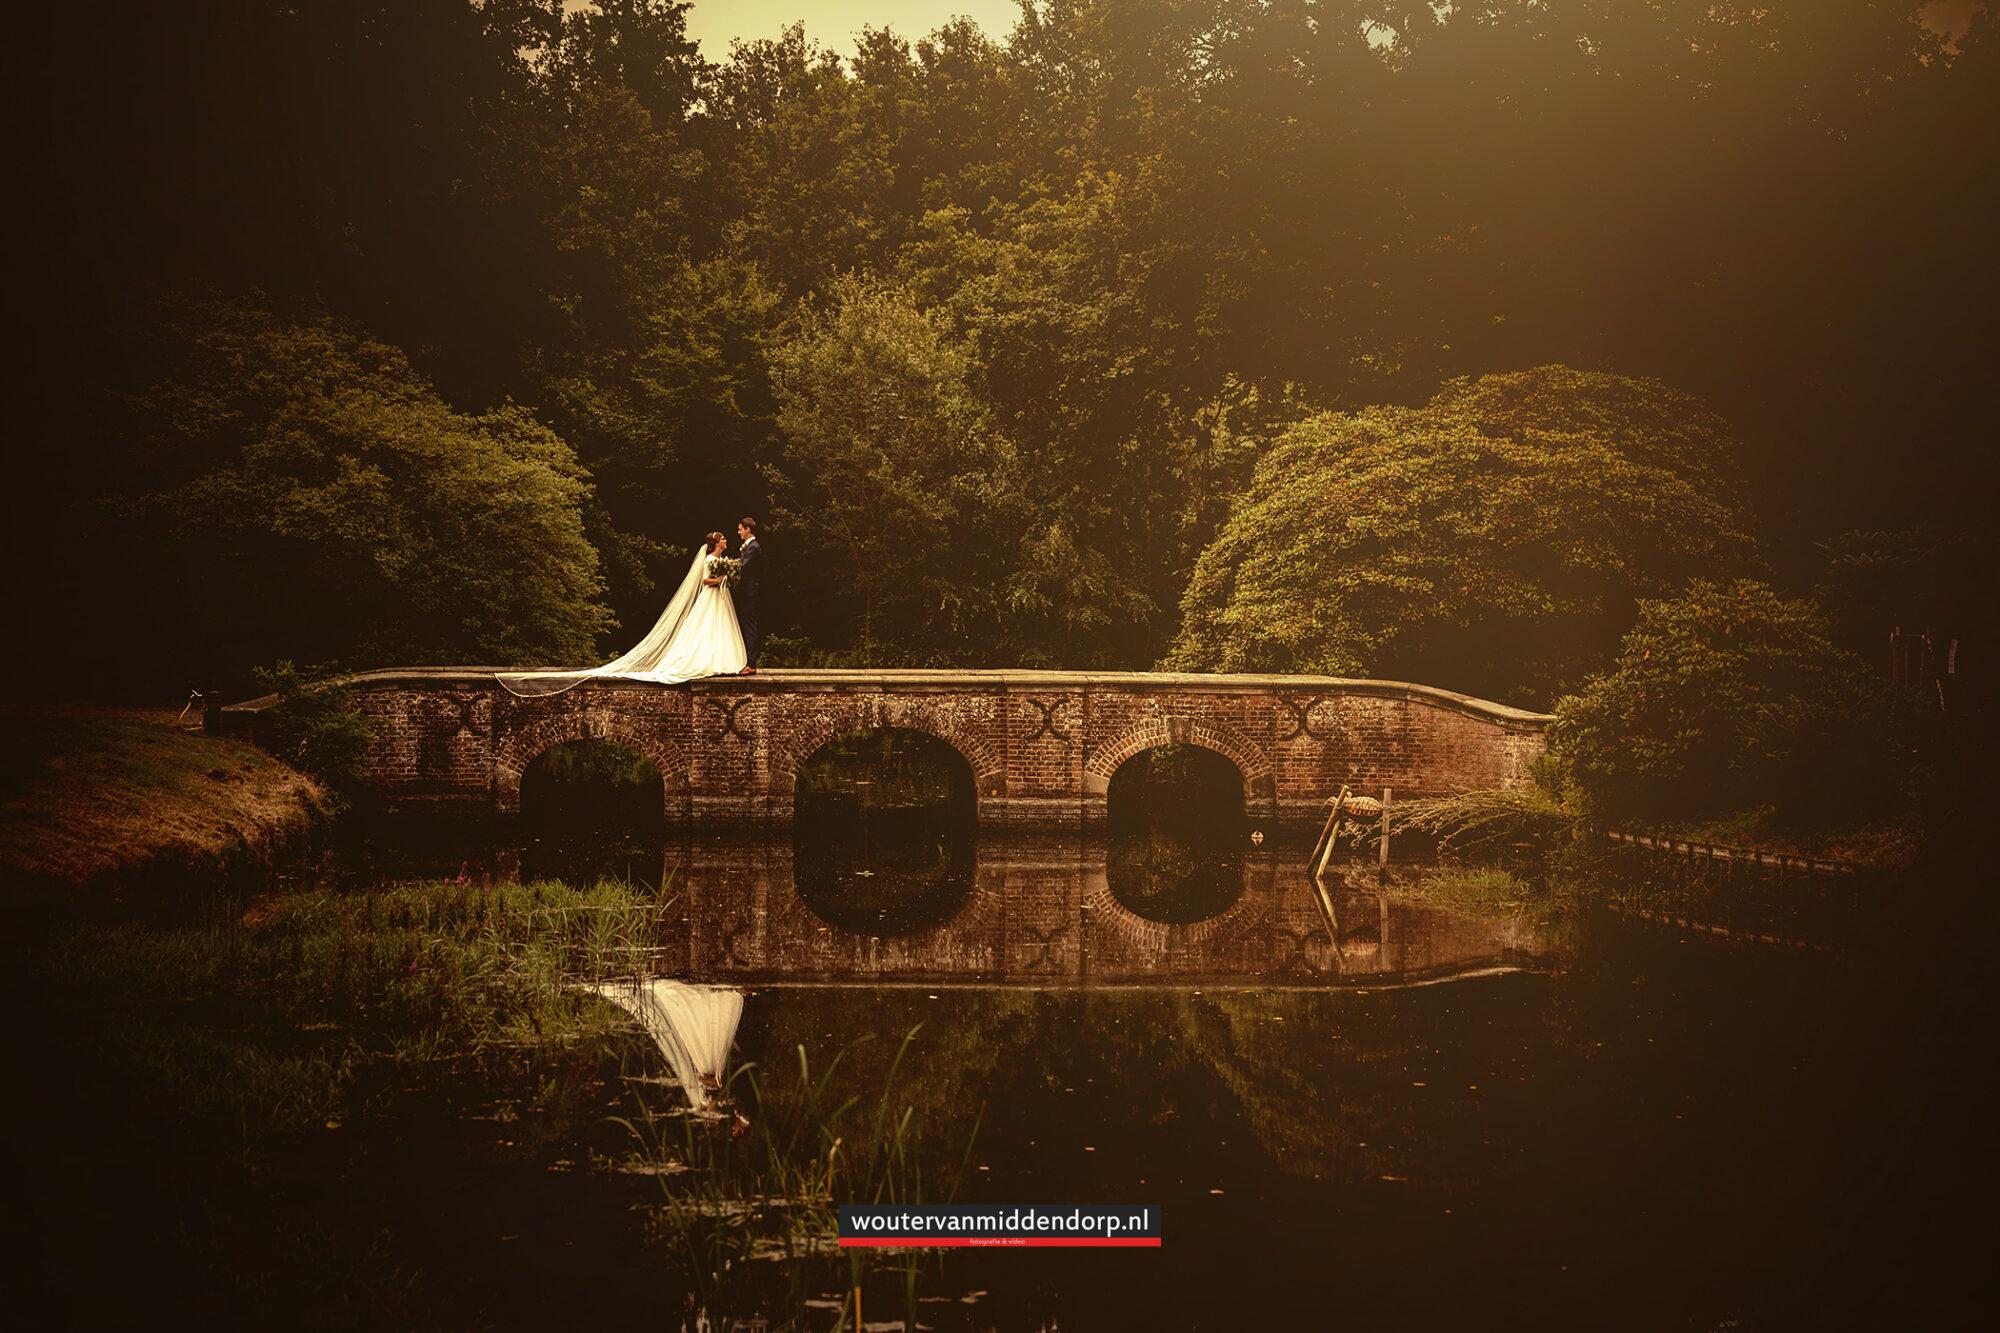 Wouter van Middendorp 3 bruidsfotografie